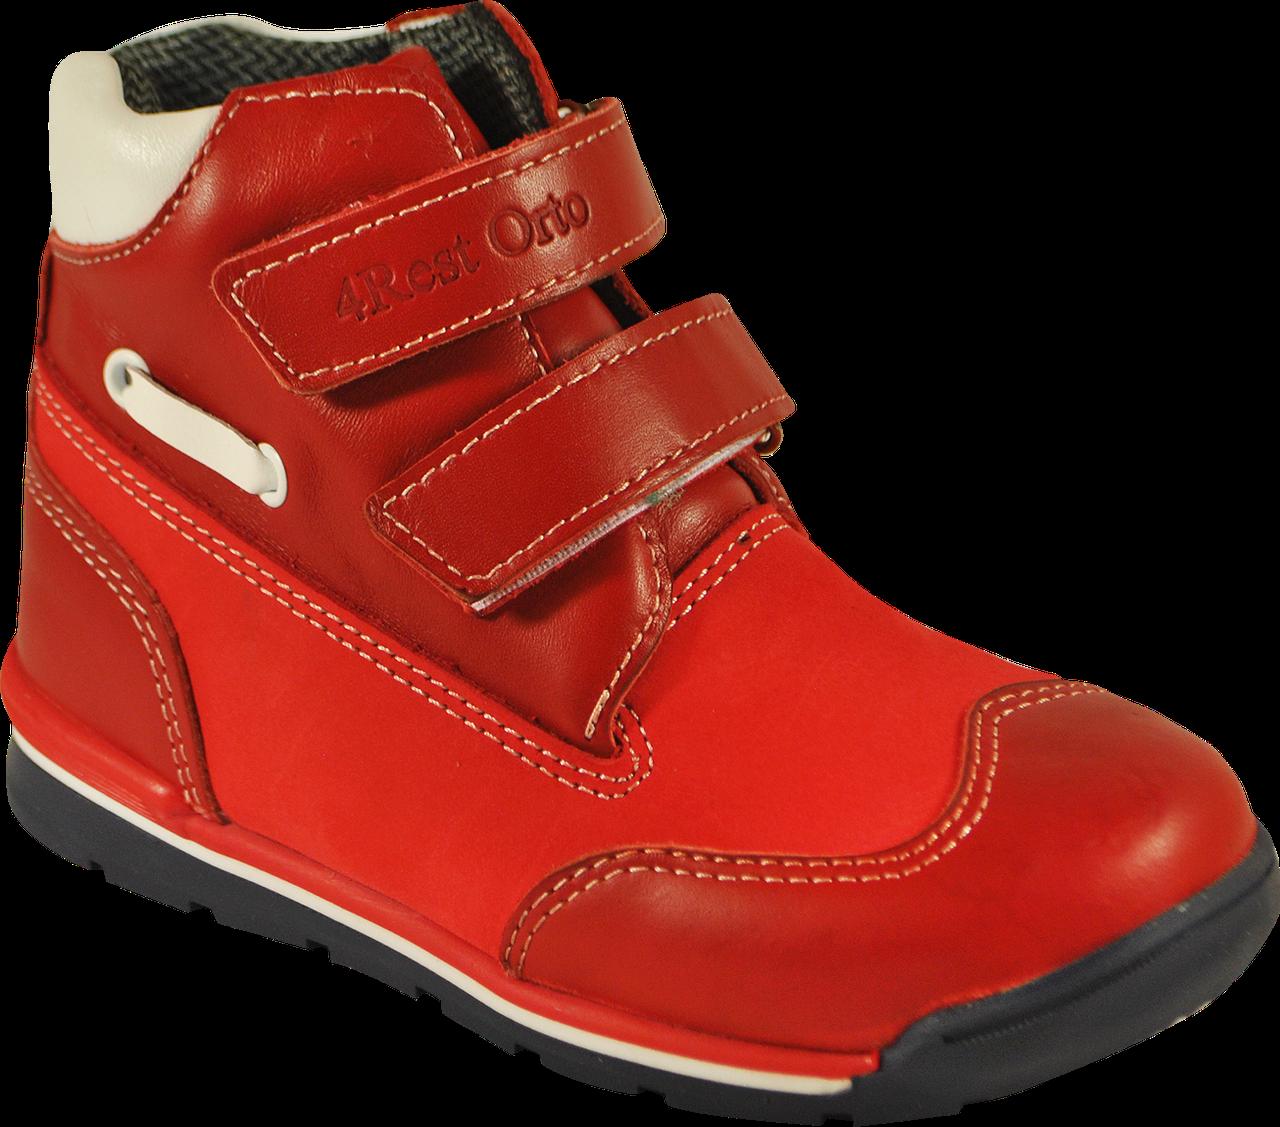 Ортопедические кроссовки для девочки Форест-Орто 06-552